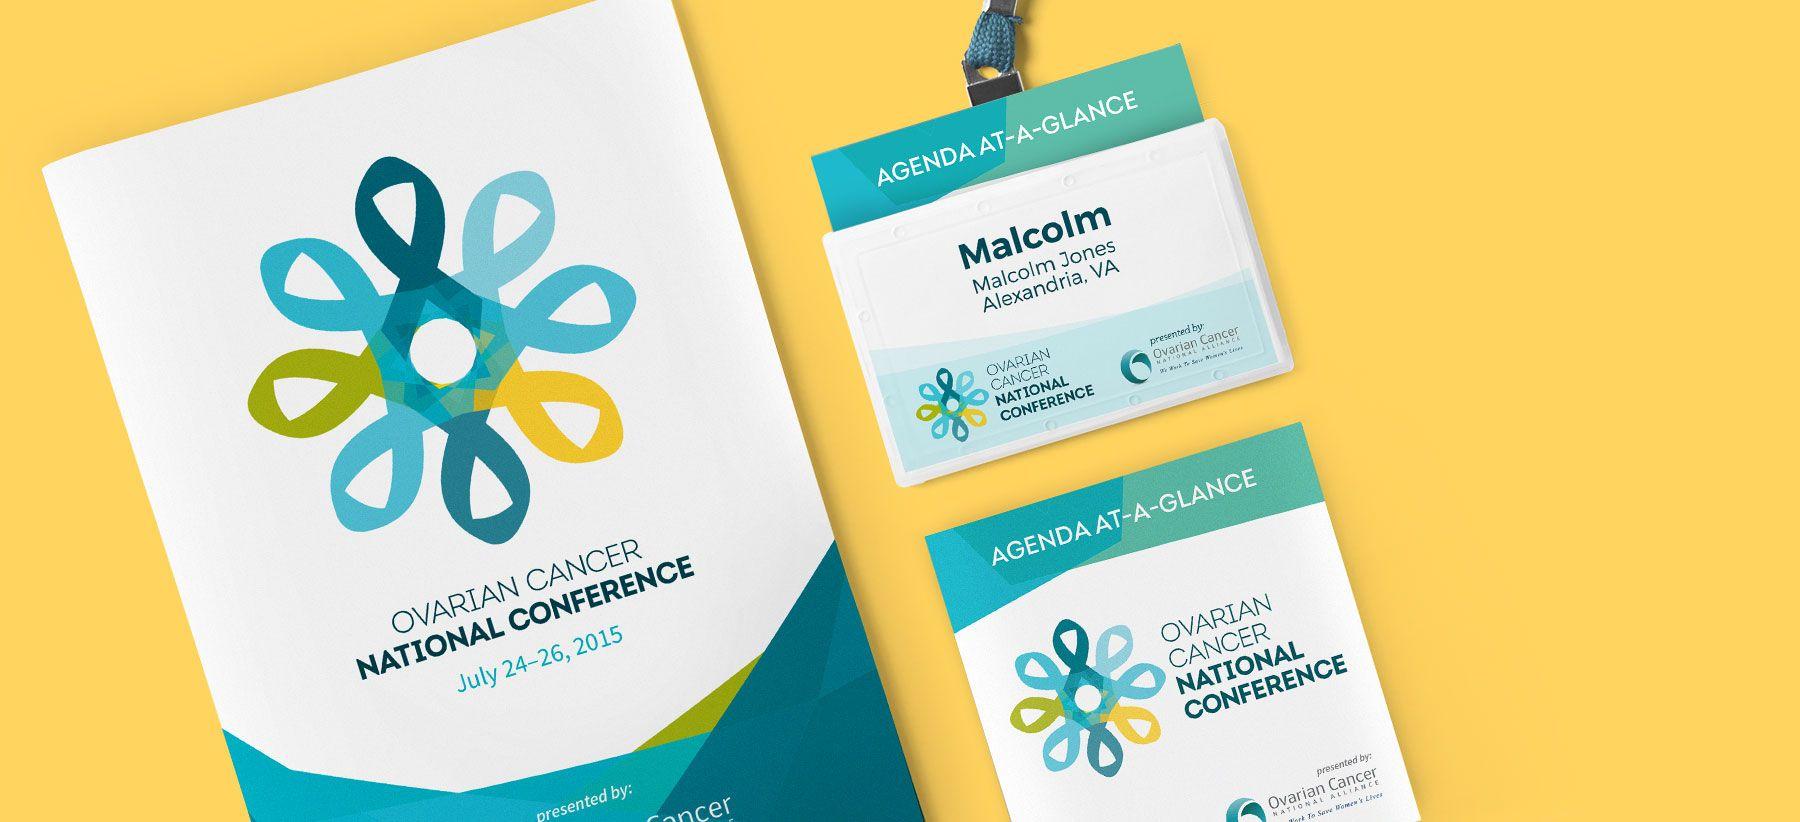 conference program  badge  and pocket agenda print design samples